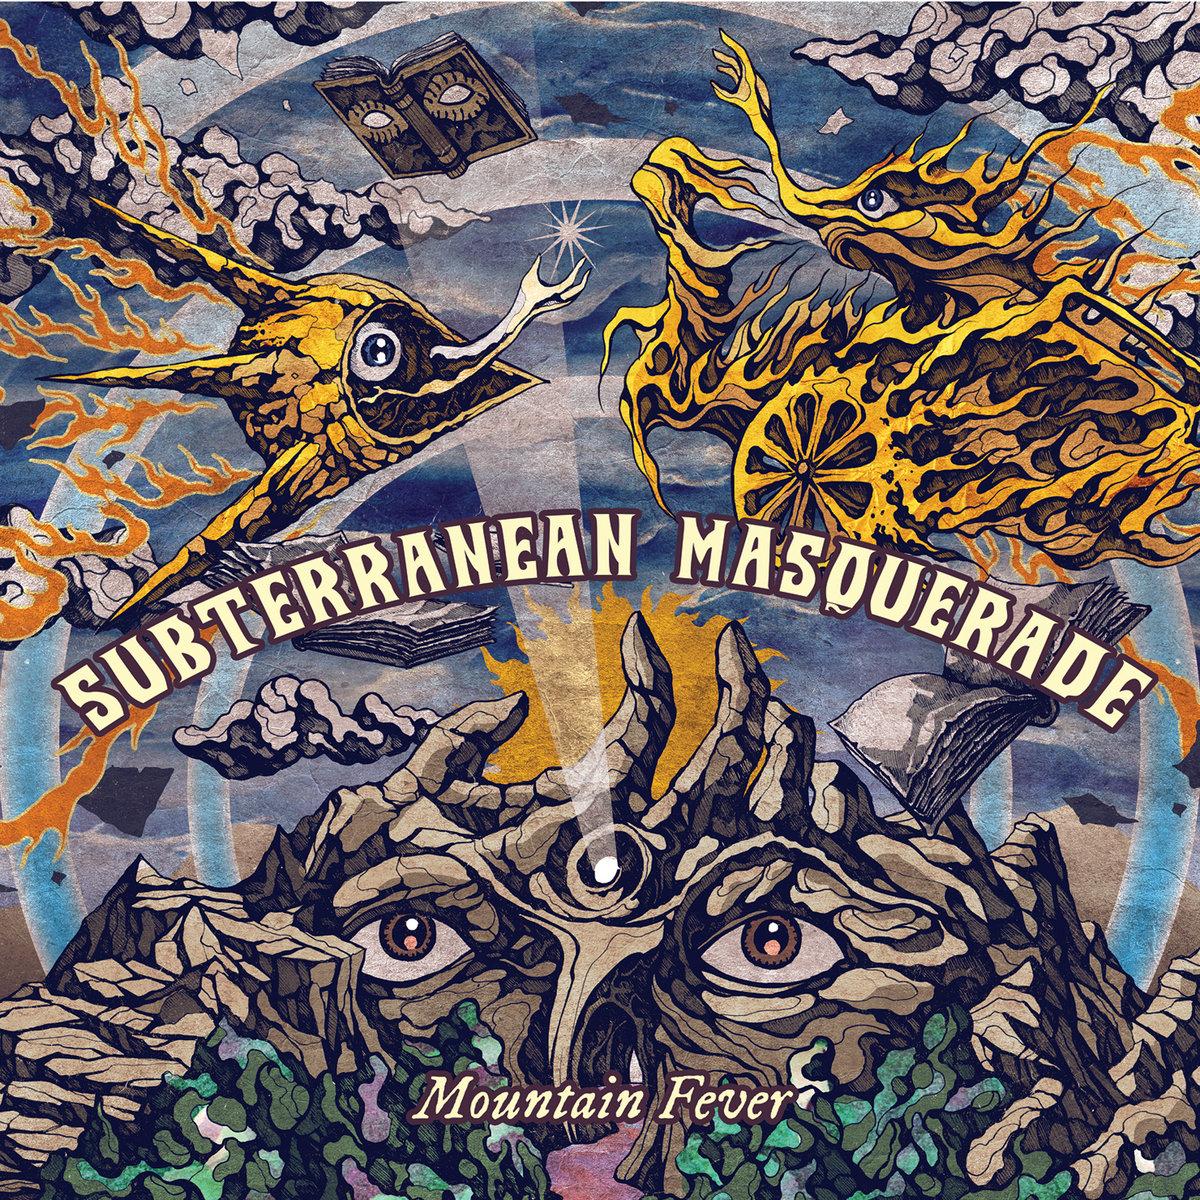 SUBTERRANEAN MASQUERADE - Mountain Fever cover